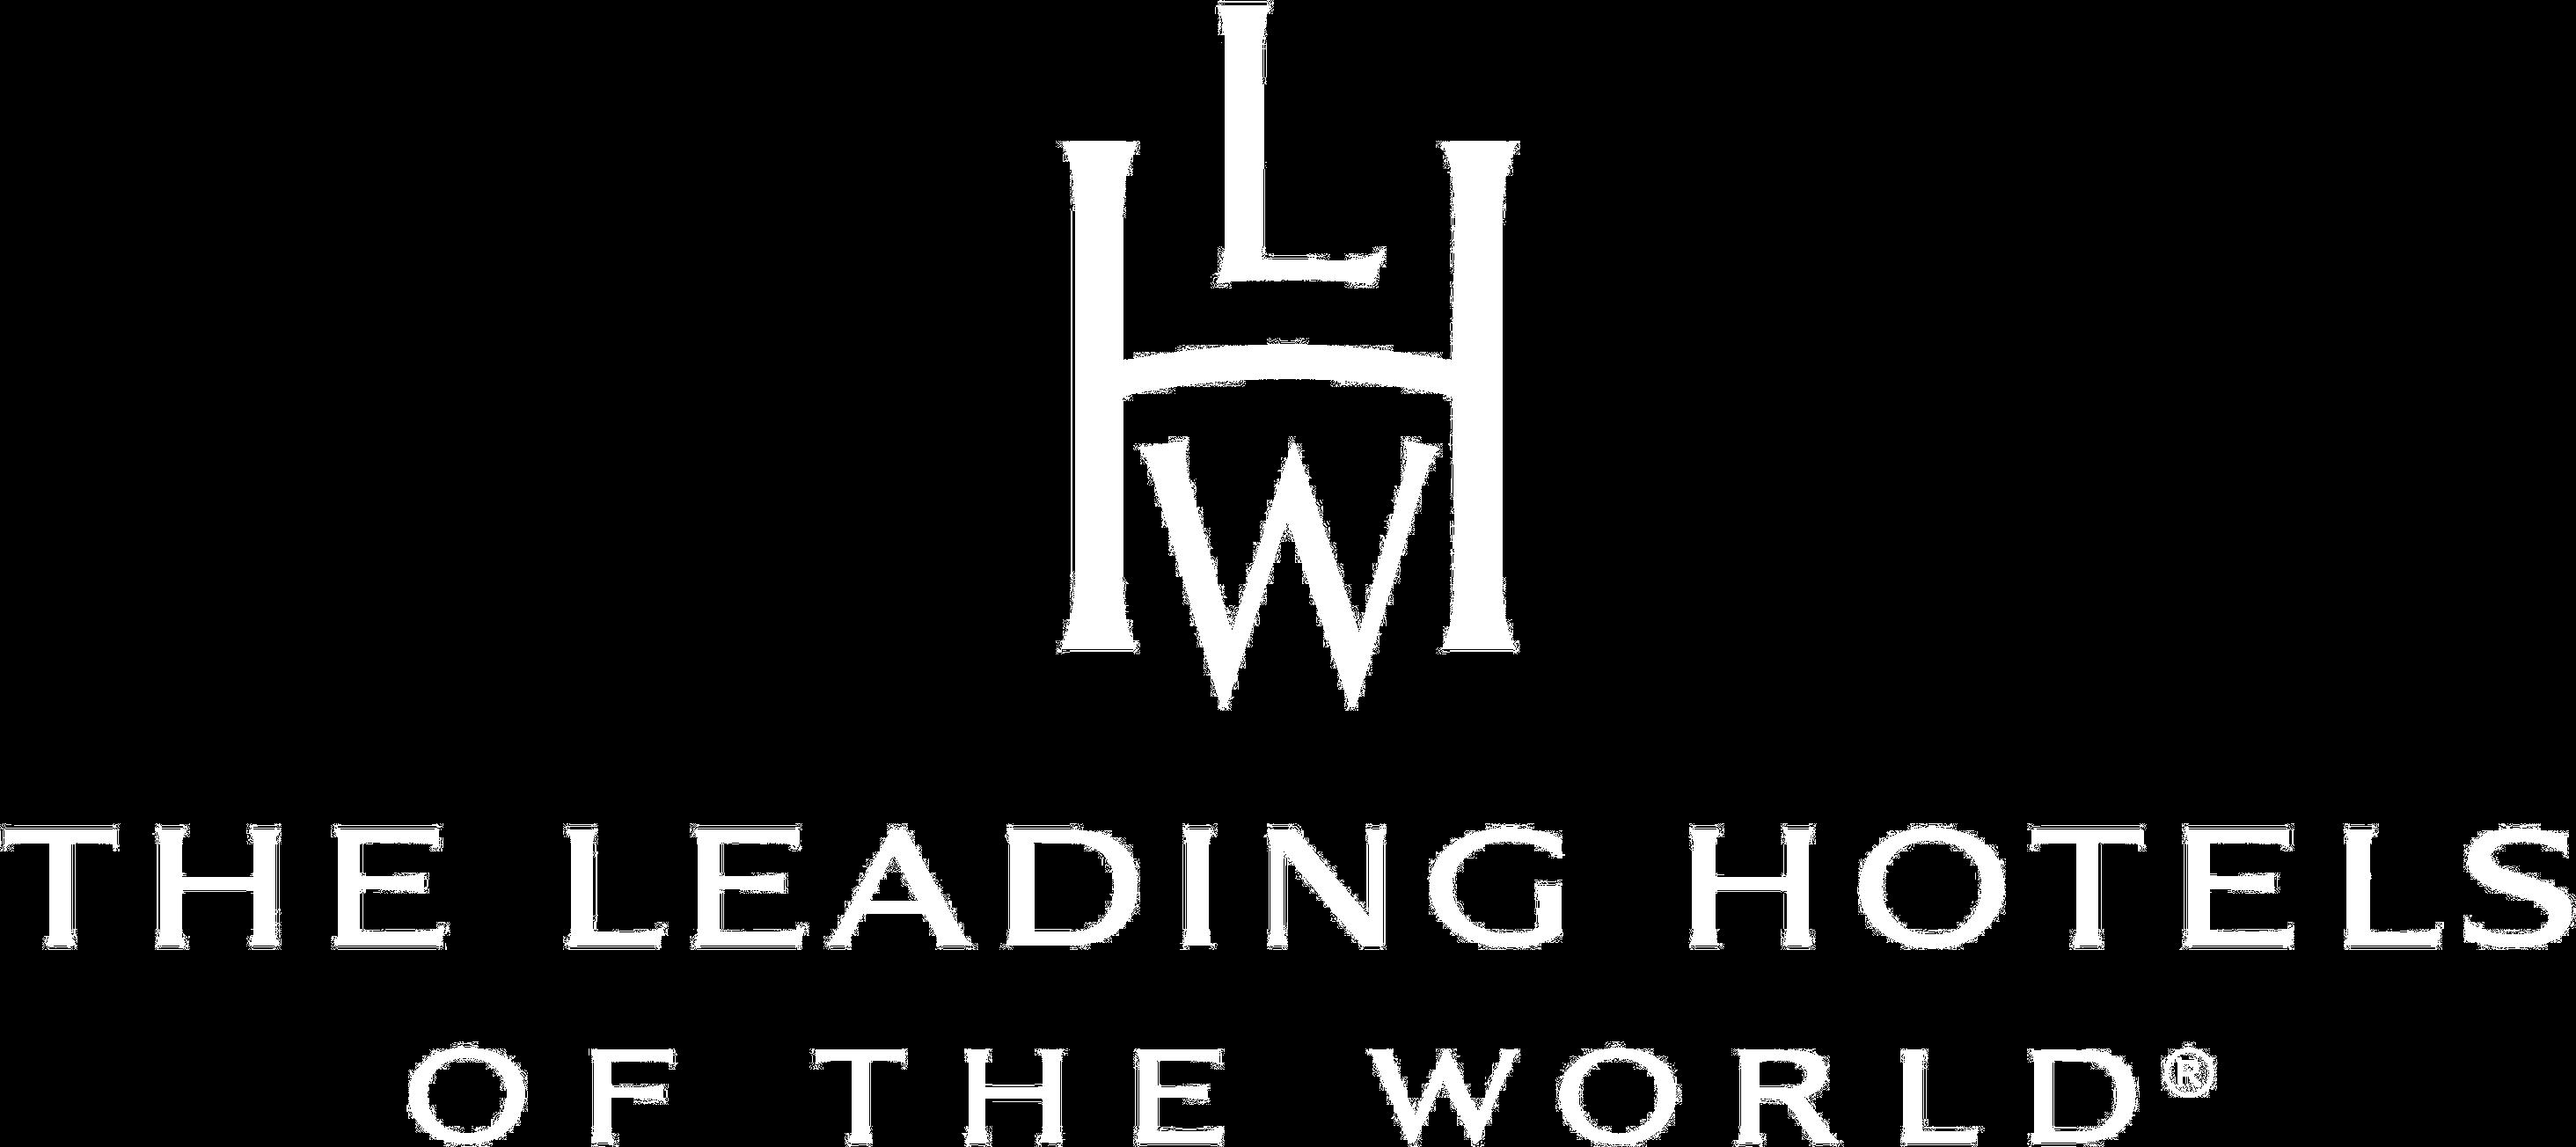 ザ・リーディングホテルズ・オブ・ザ・ワールド(The Leading Hotels of the World)